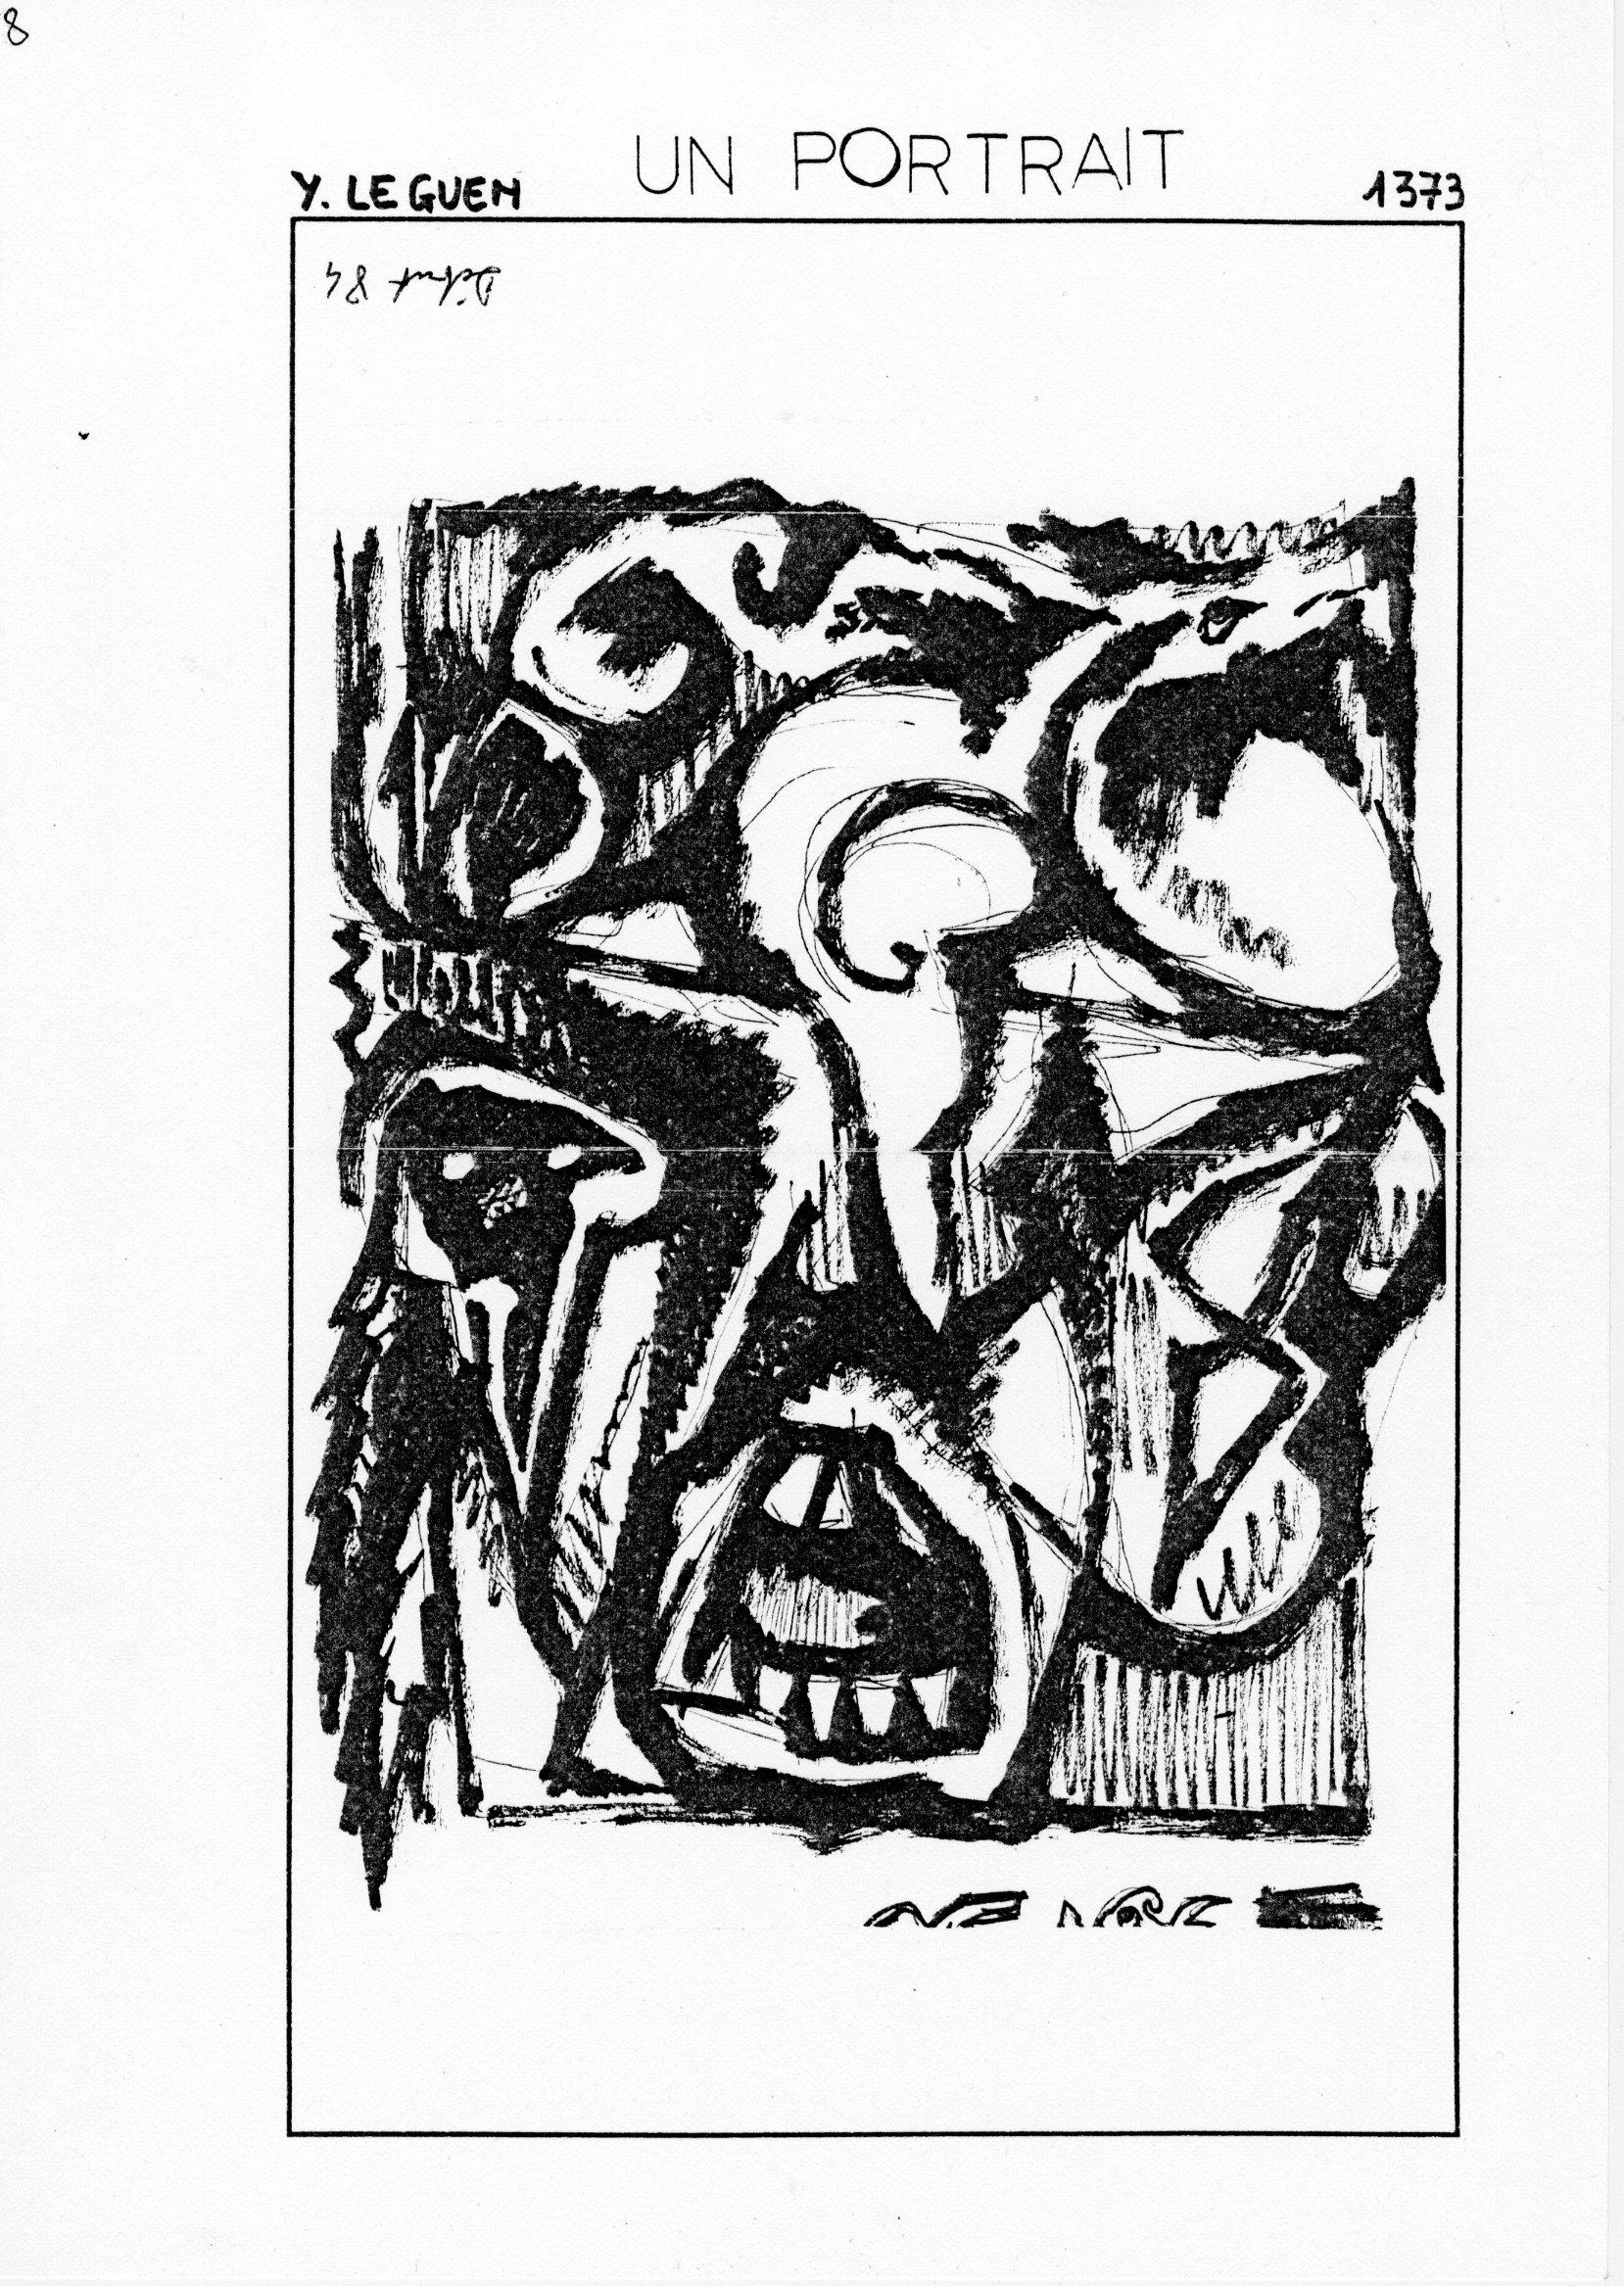 page 1373 Y. Leguen UN PORTRAIT